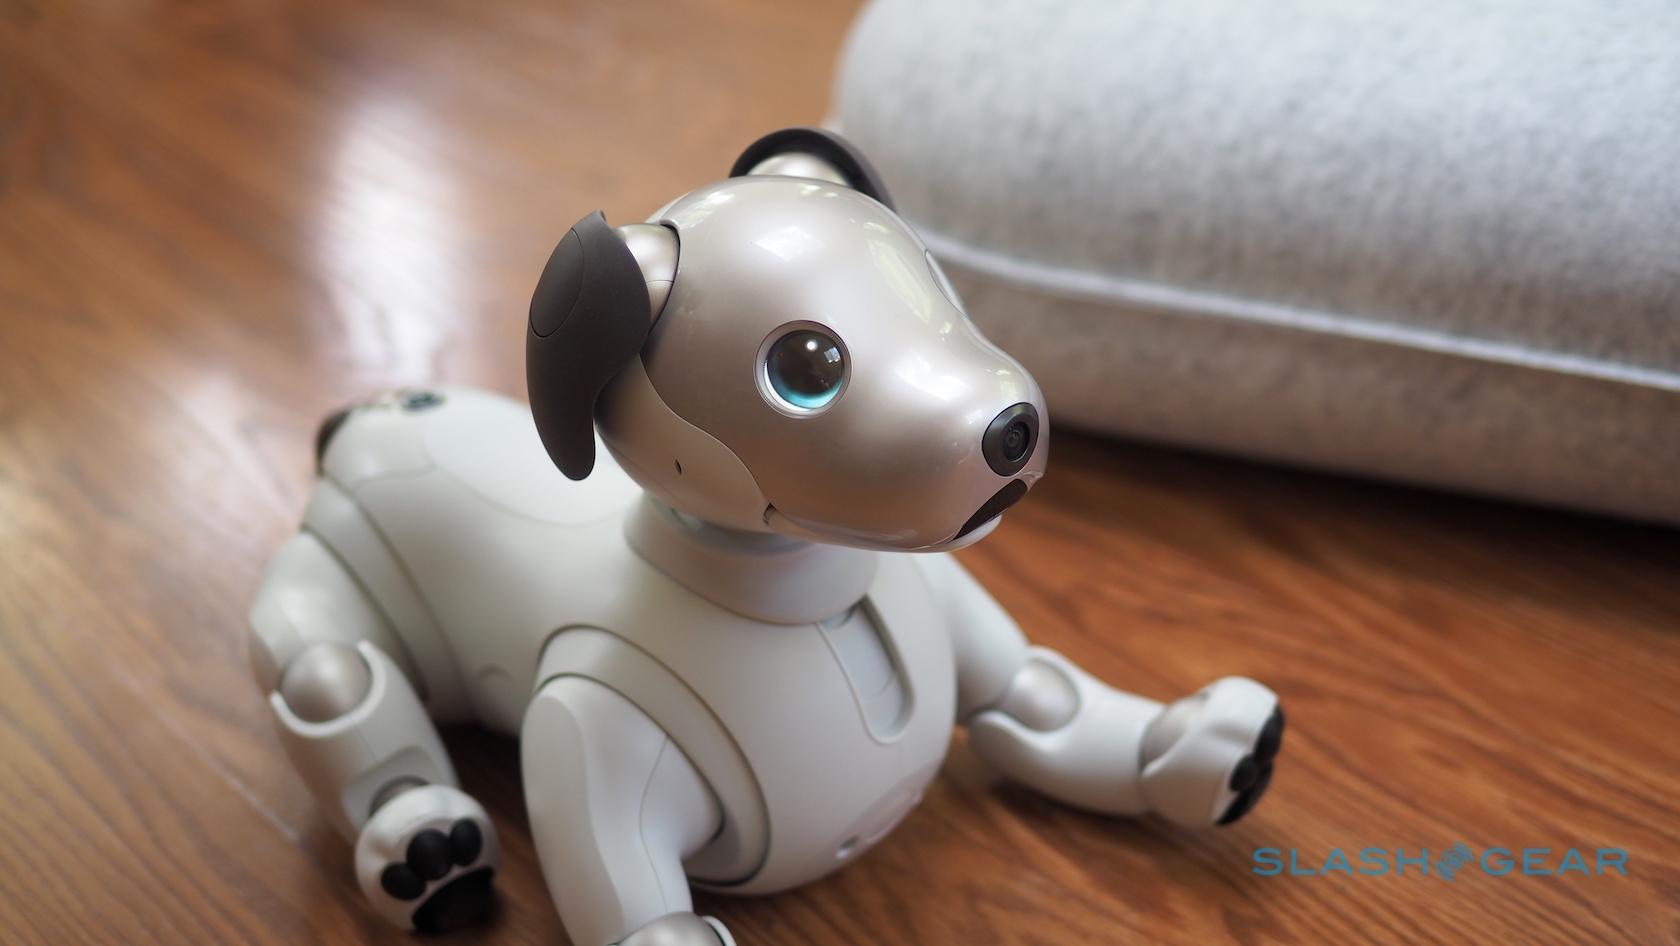 Sony aibo Review (2018): Robot pup charm - SlashGear